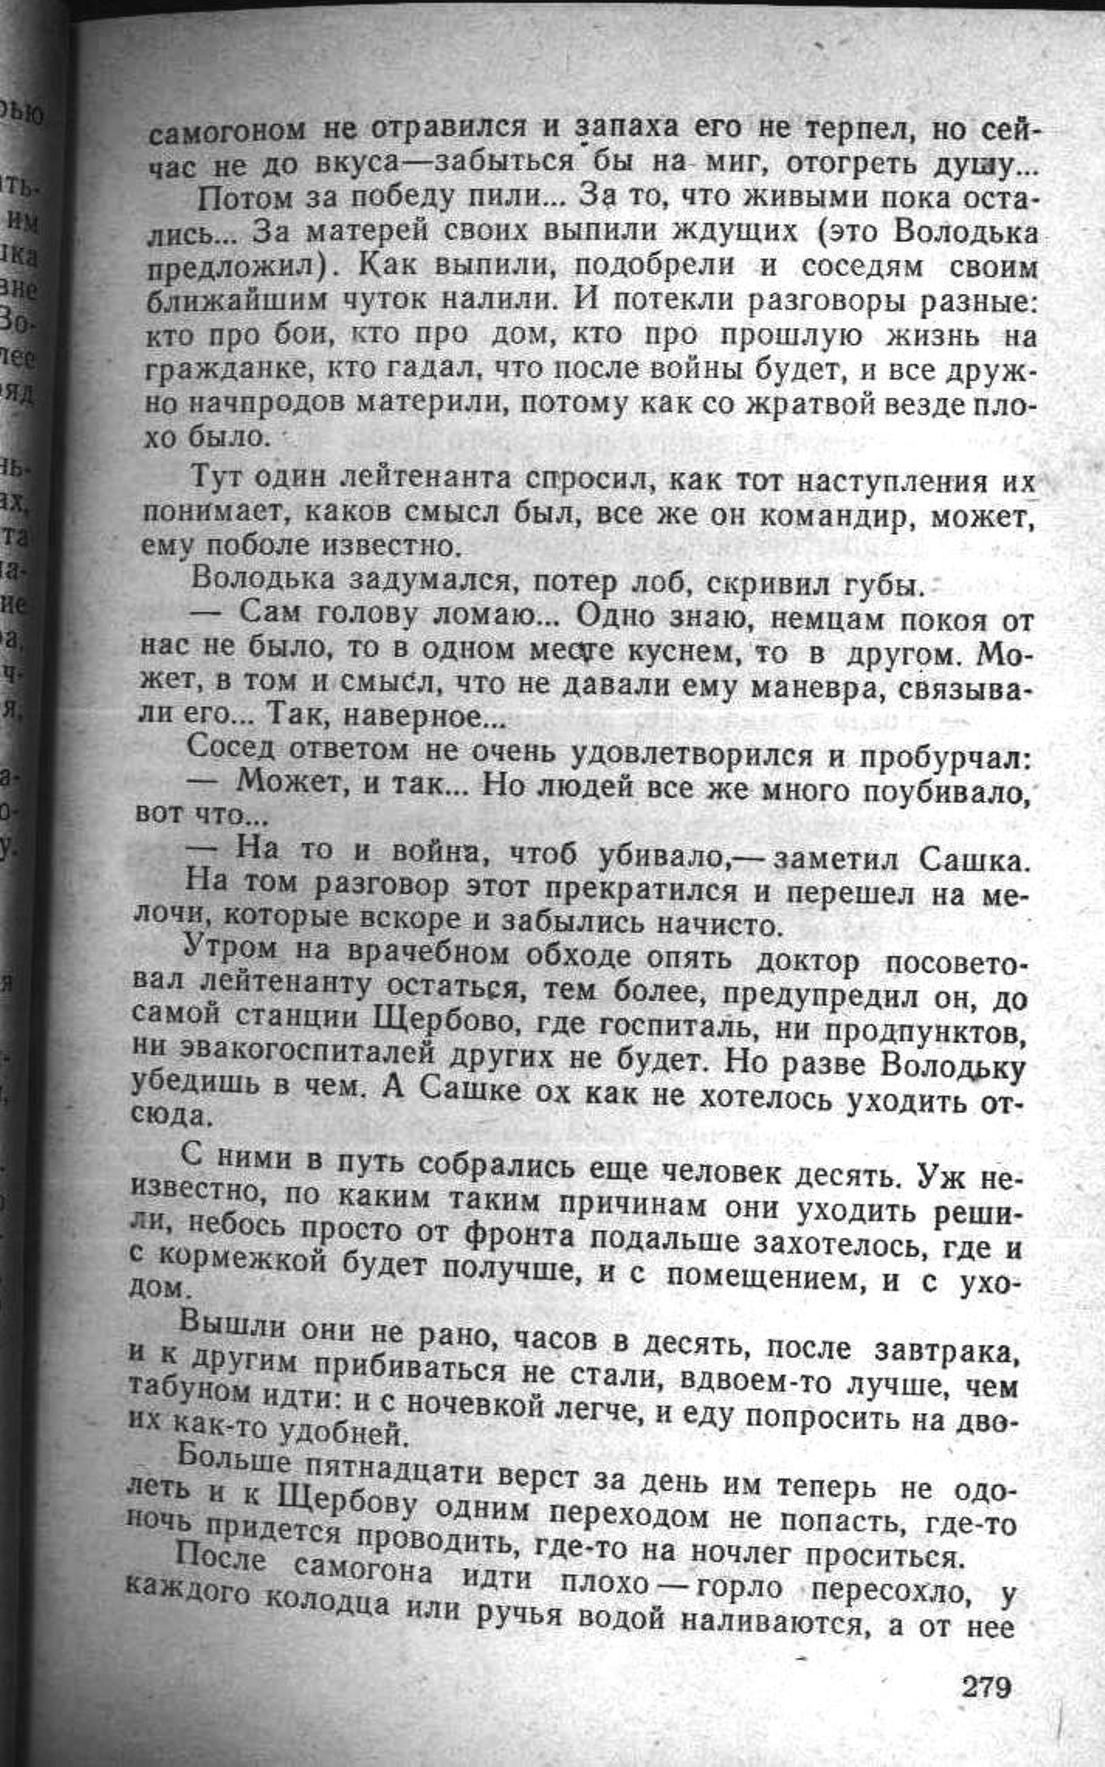 Сашка. Повесть. Вячеслав Кондратьев. 015. 006